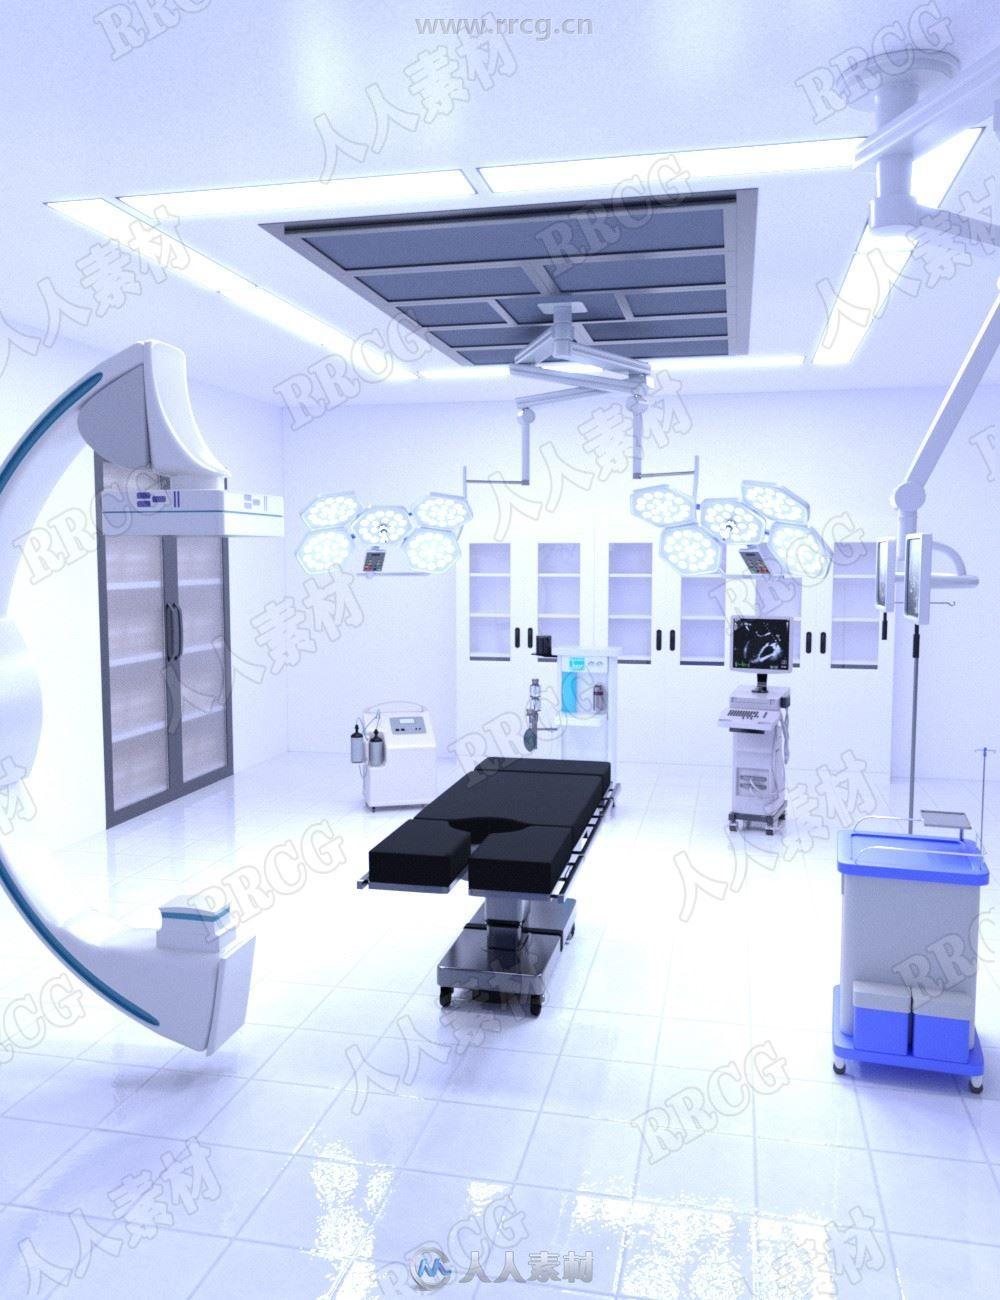 配件仪器齐全医院手术室或医学院实验室3D模型合集